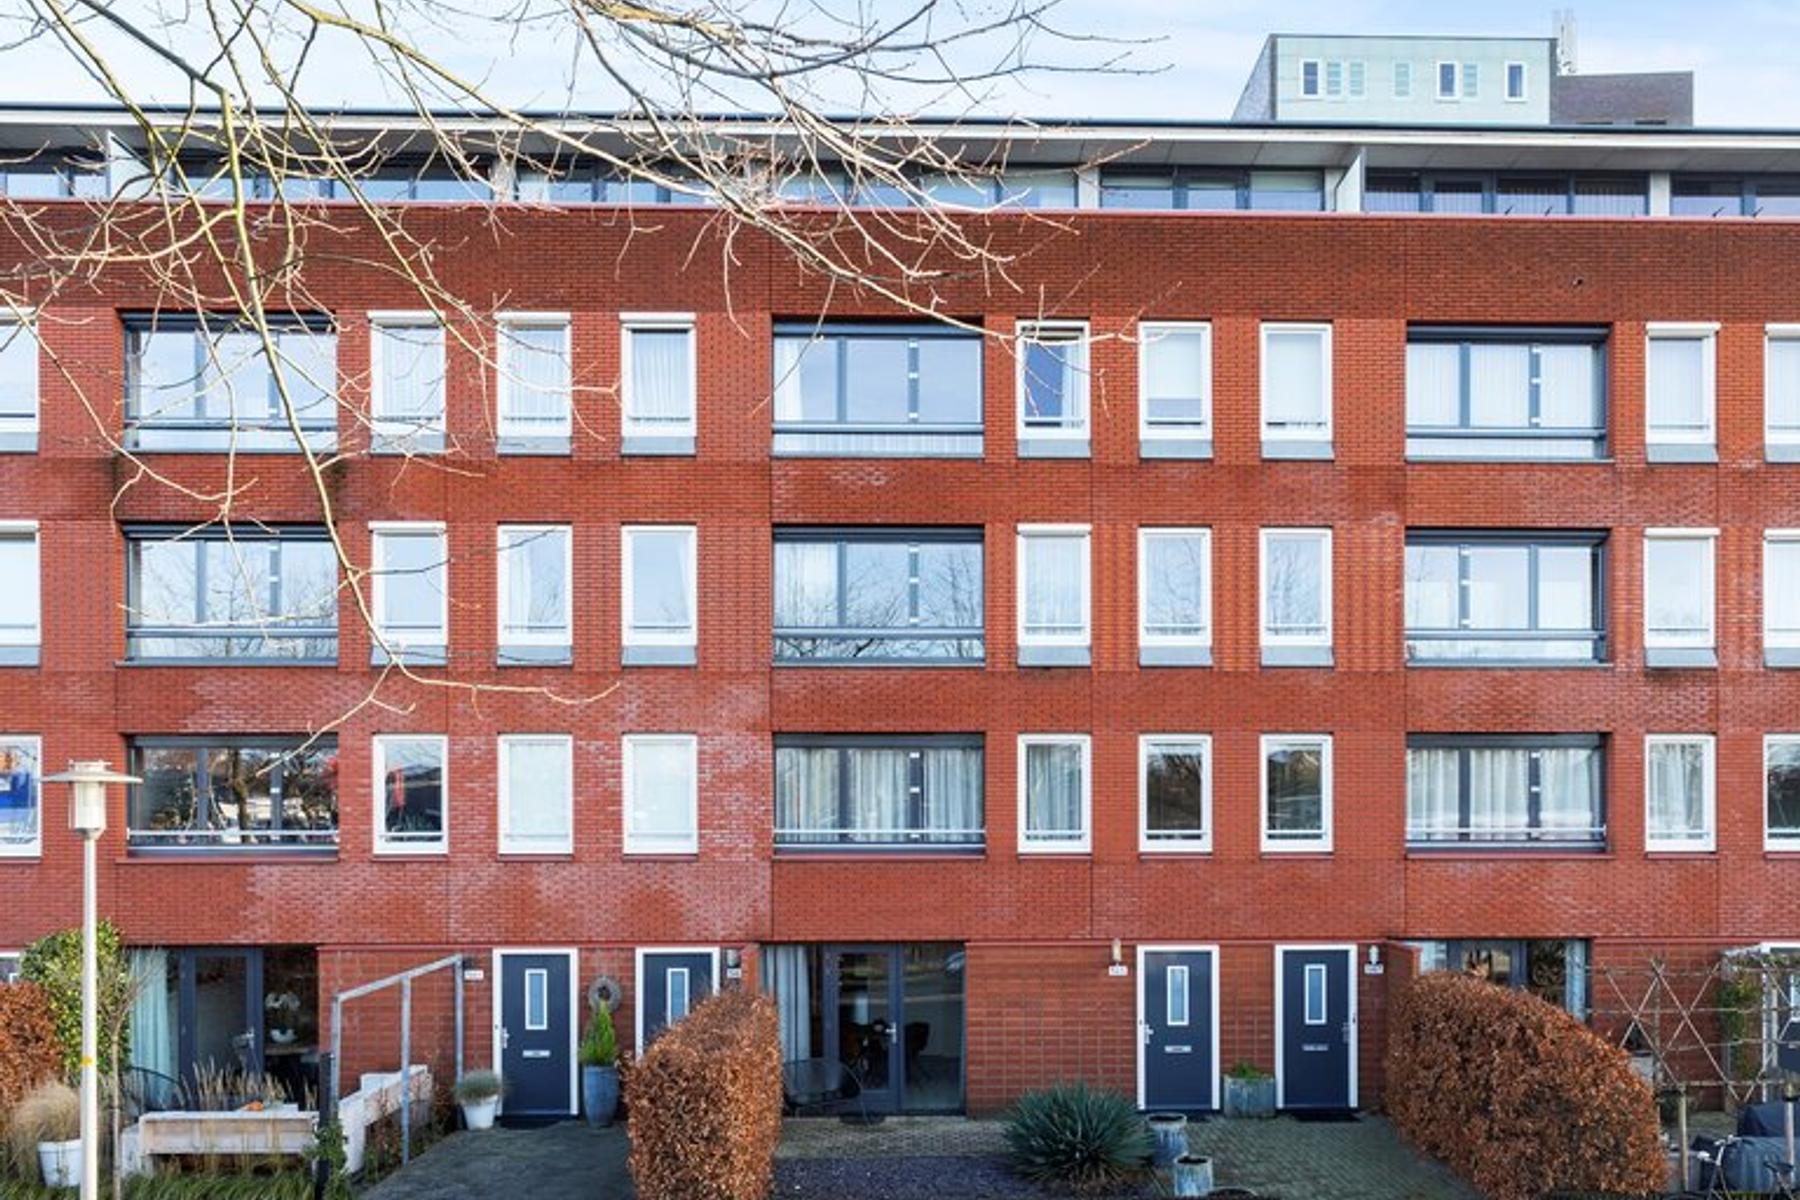 Burgemeester Jhr. Quarles Van Uffordlaan 565 in Apeldoorn 7321 ZW